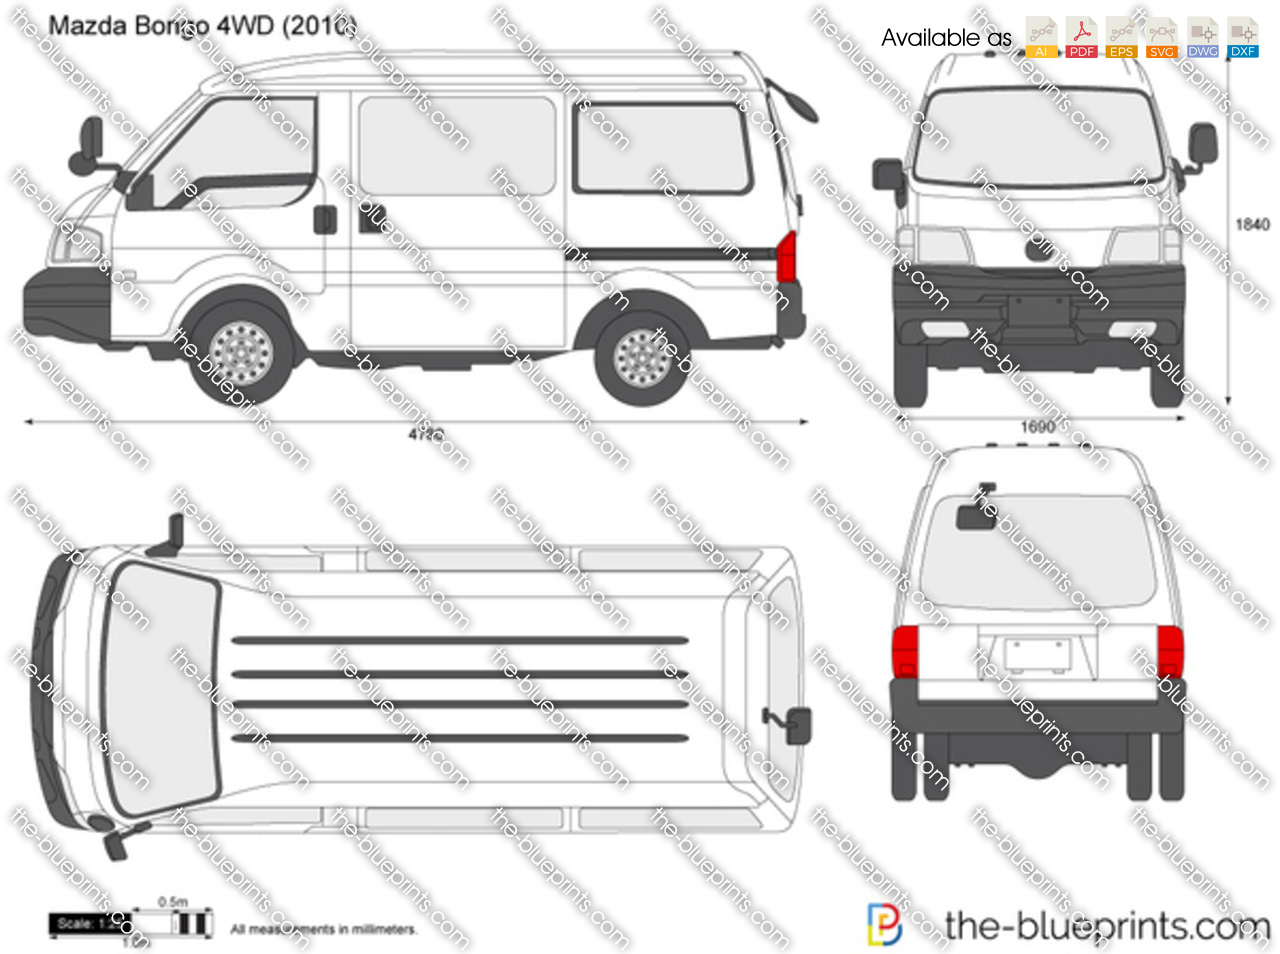 Mazda Bongo 4WD 2018